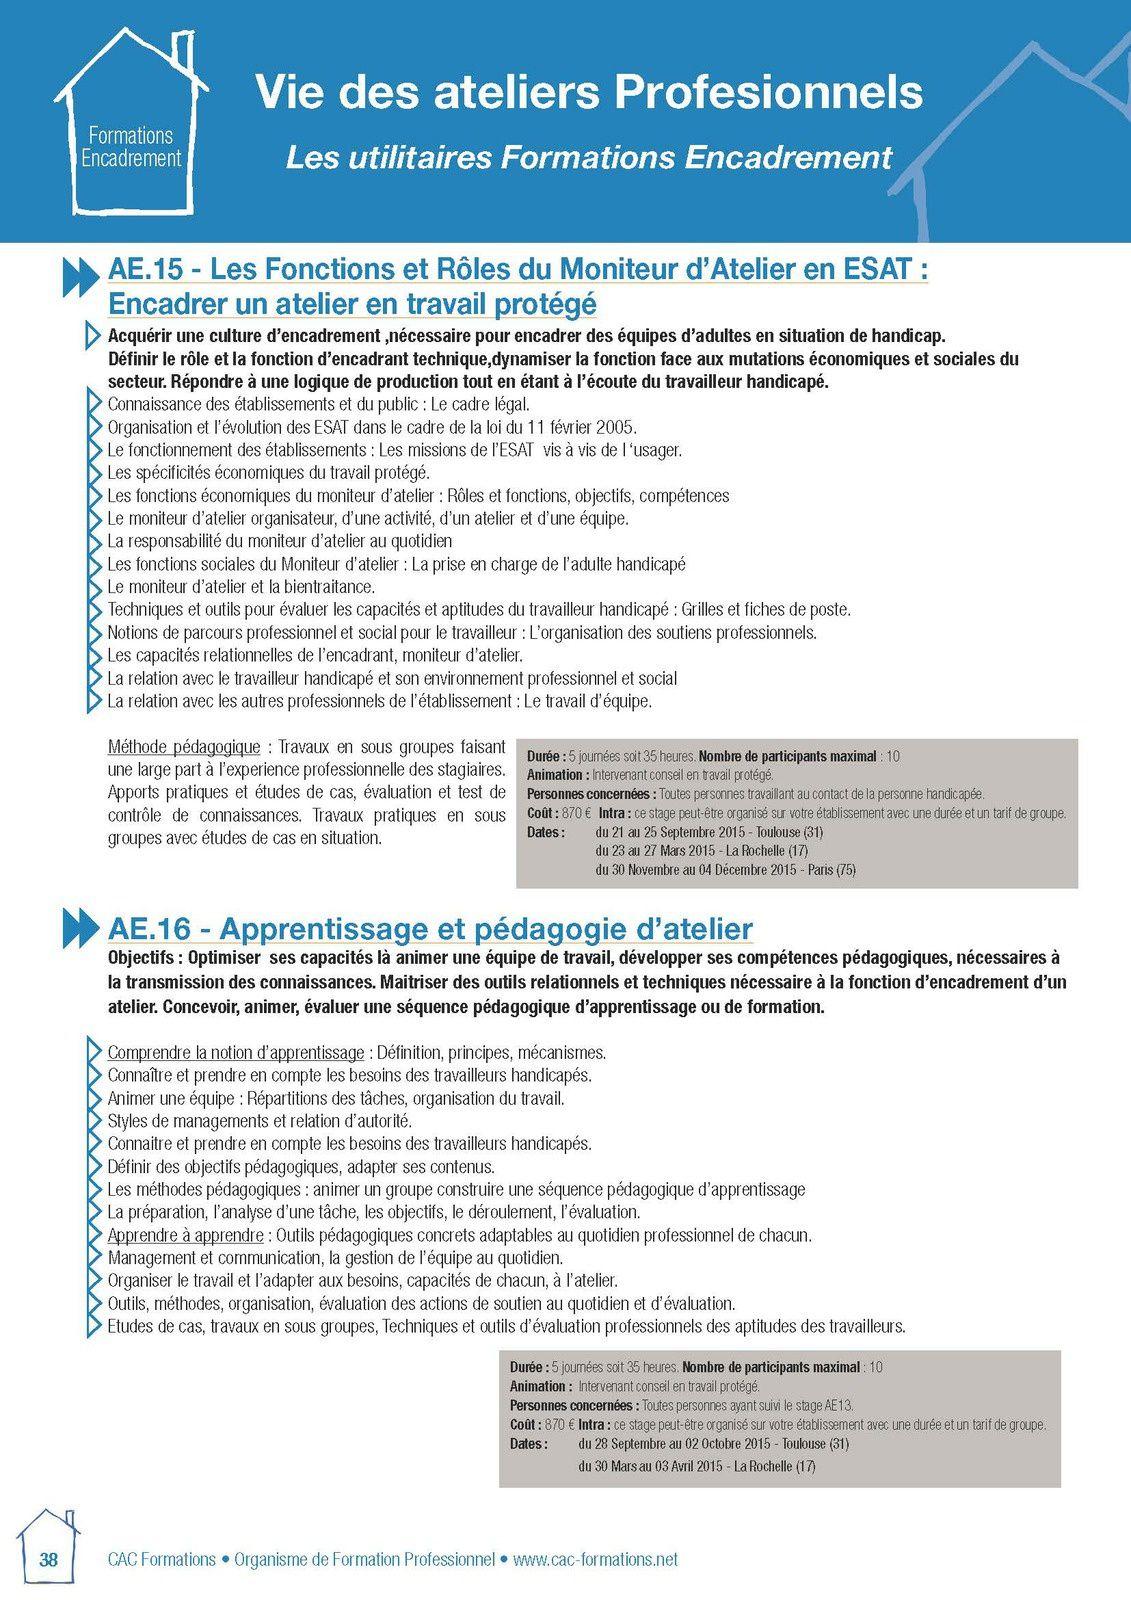 Le rôle des moniteurs d'ateliers en ESAT